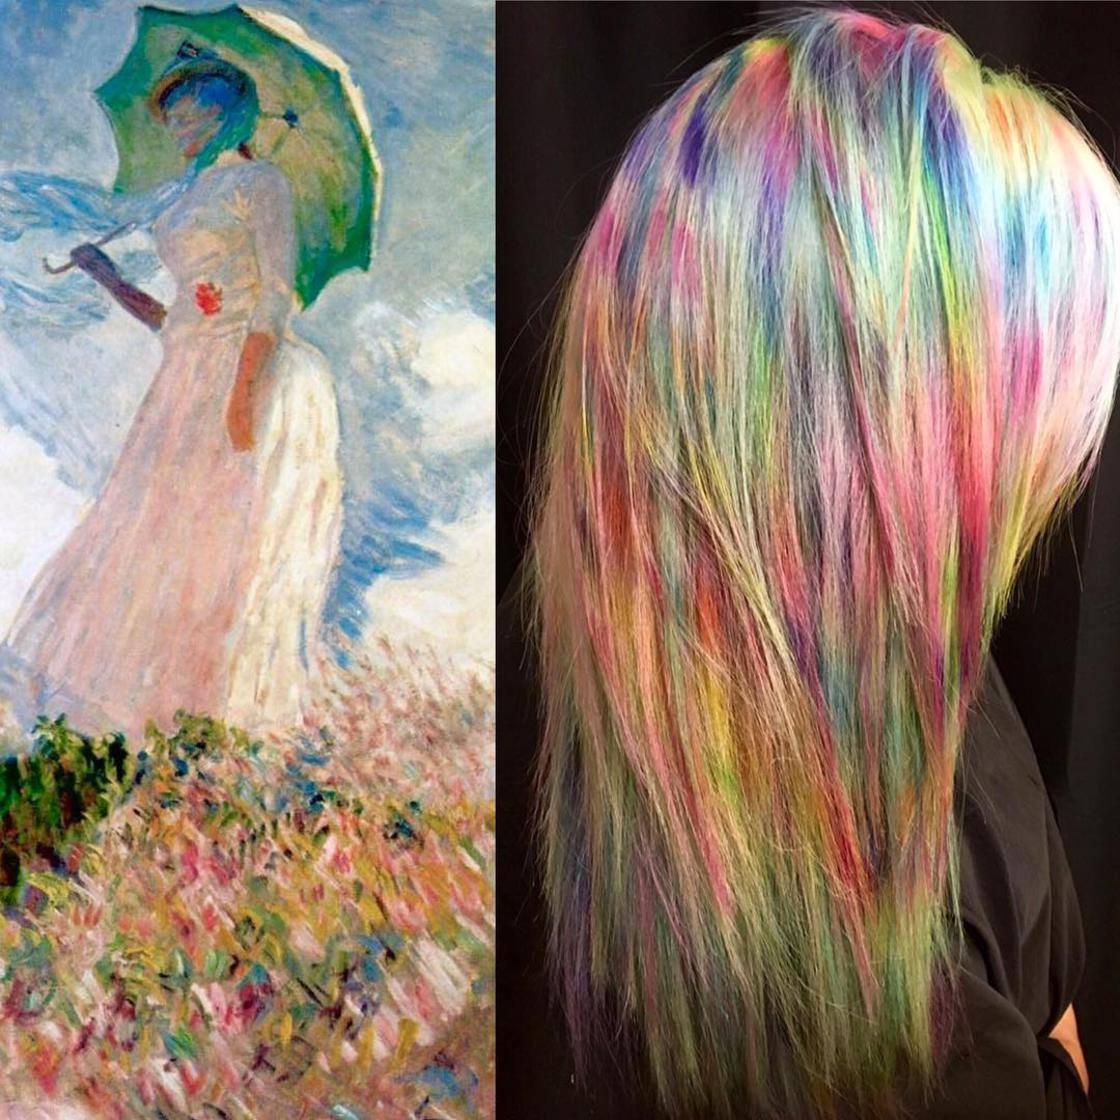 Artista se inspira em imagens fantásticas para mudar a cor do cabelo 8